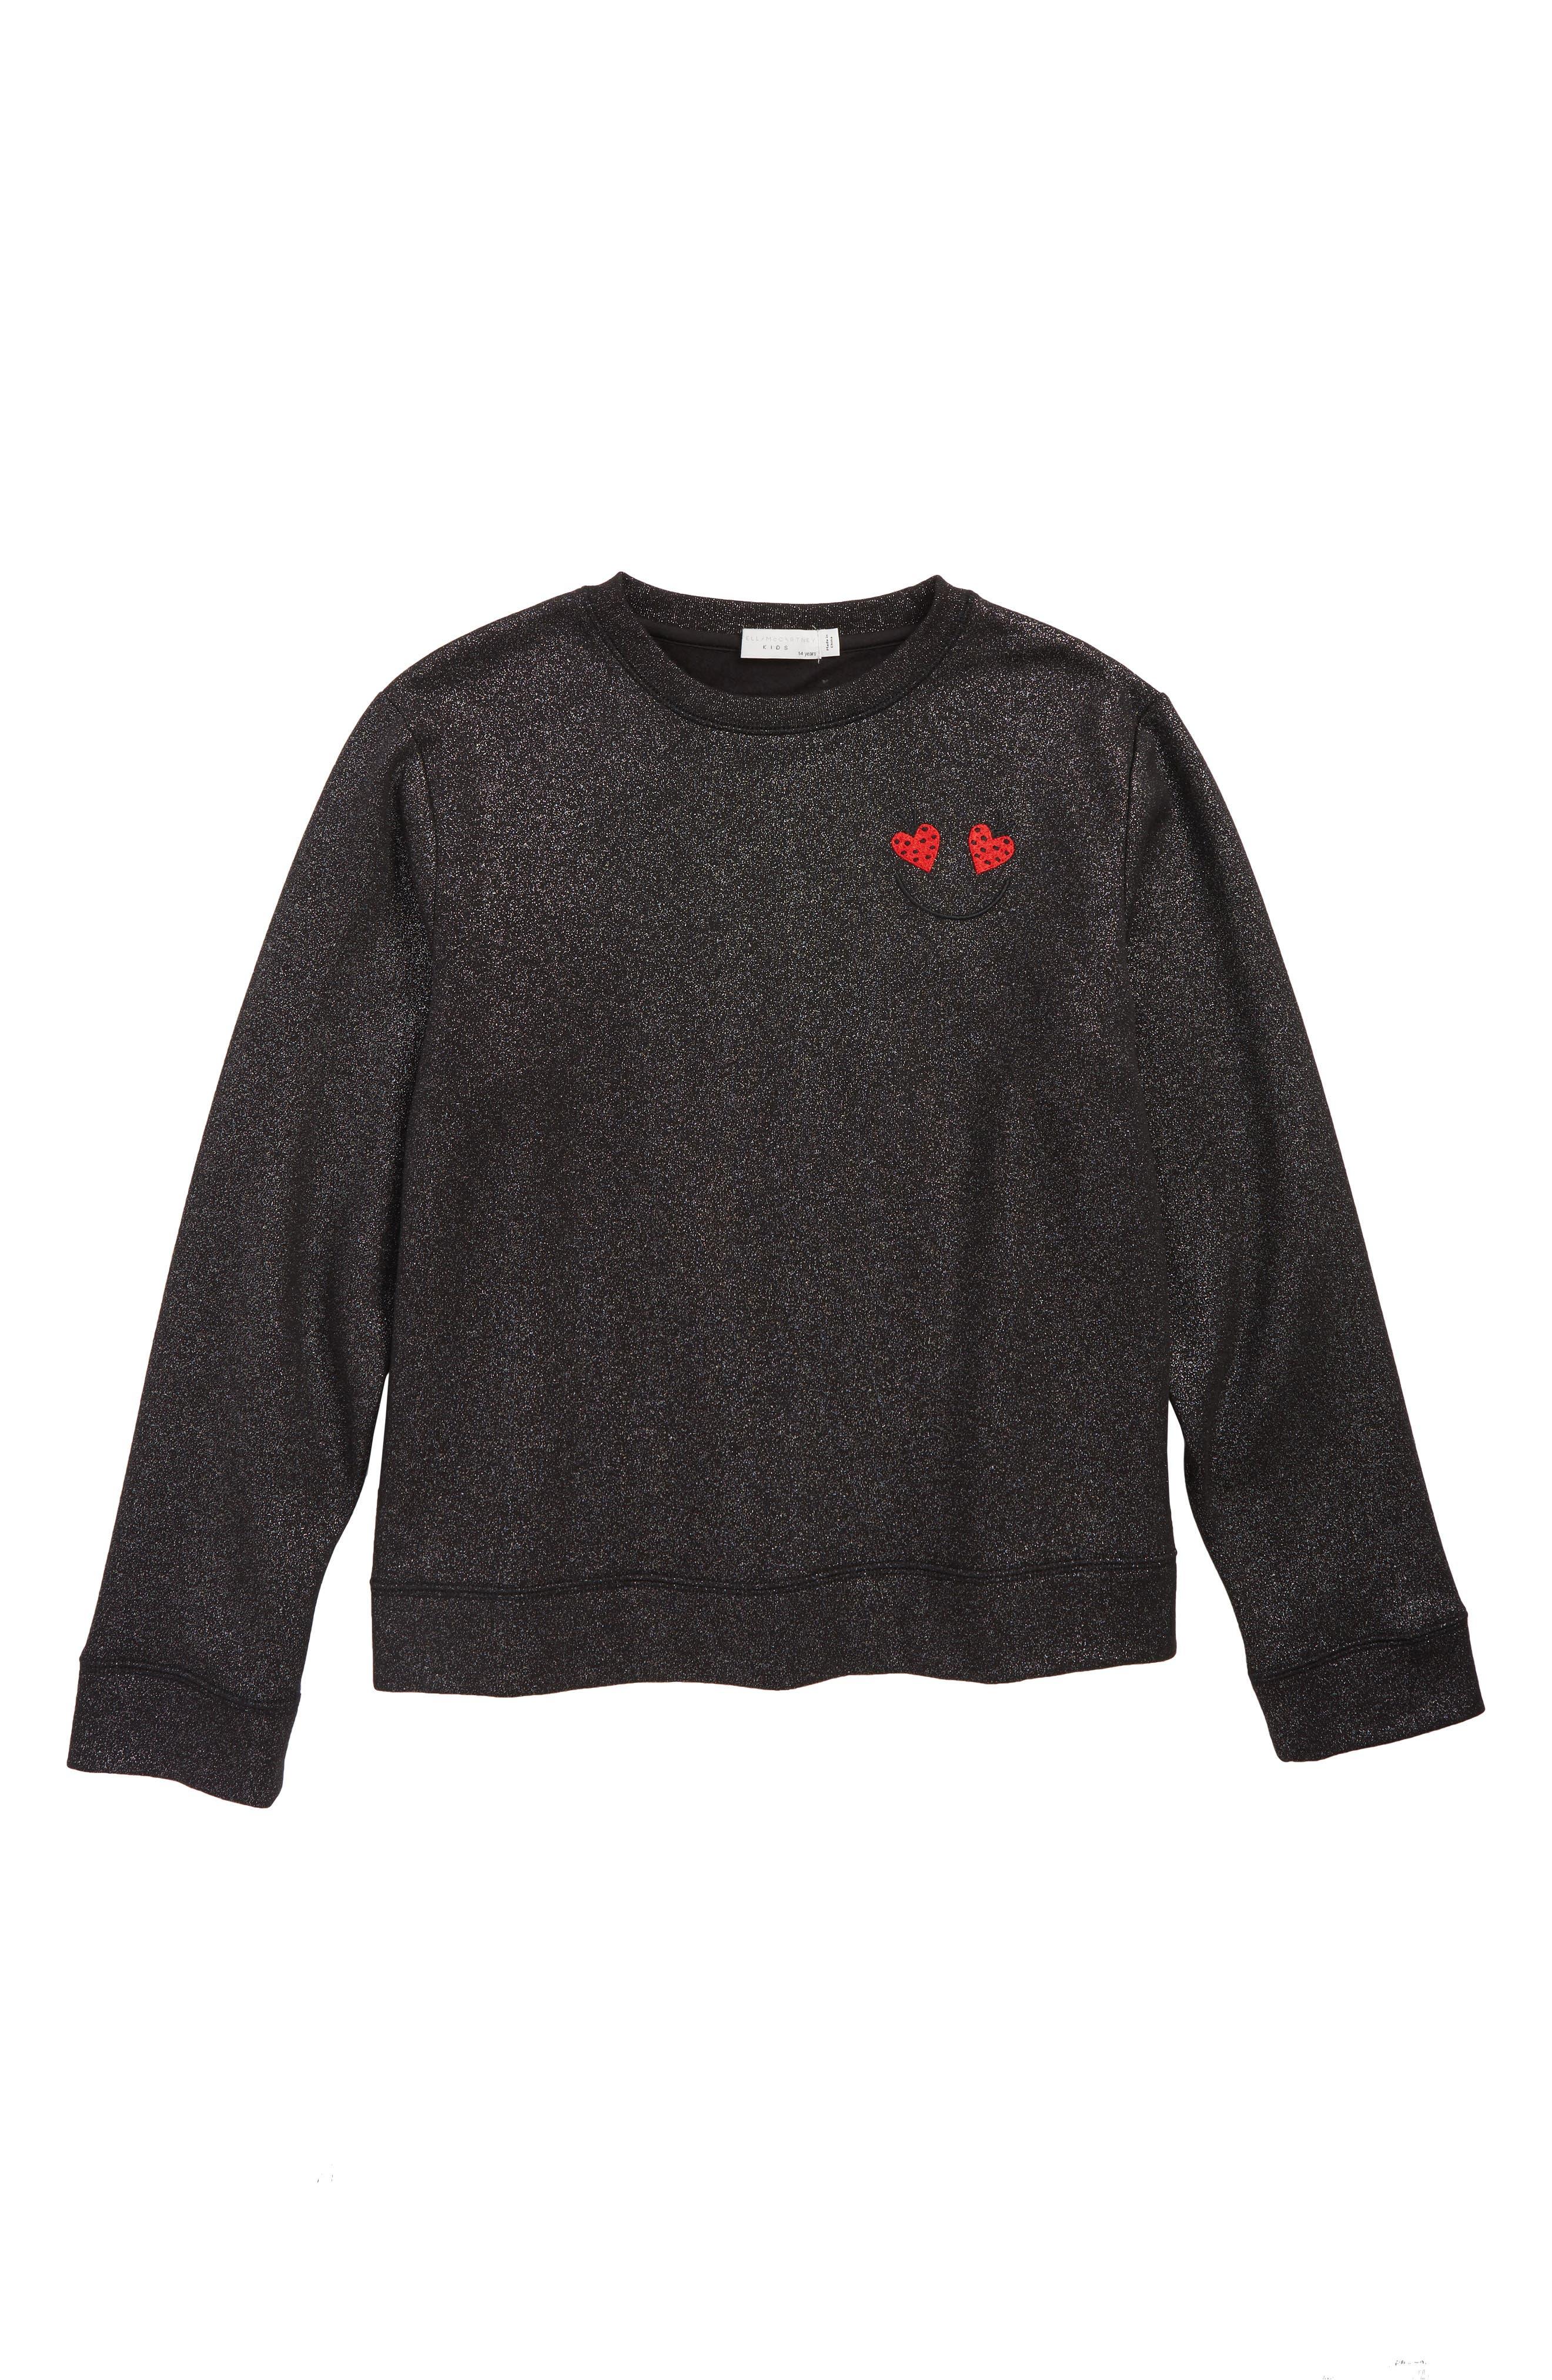 Valeria Sweater,                         Main,                         color, 001